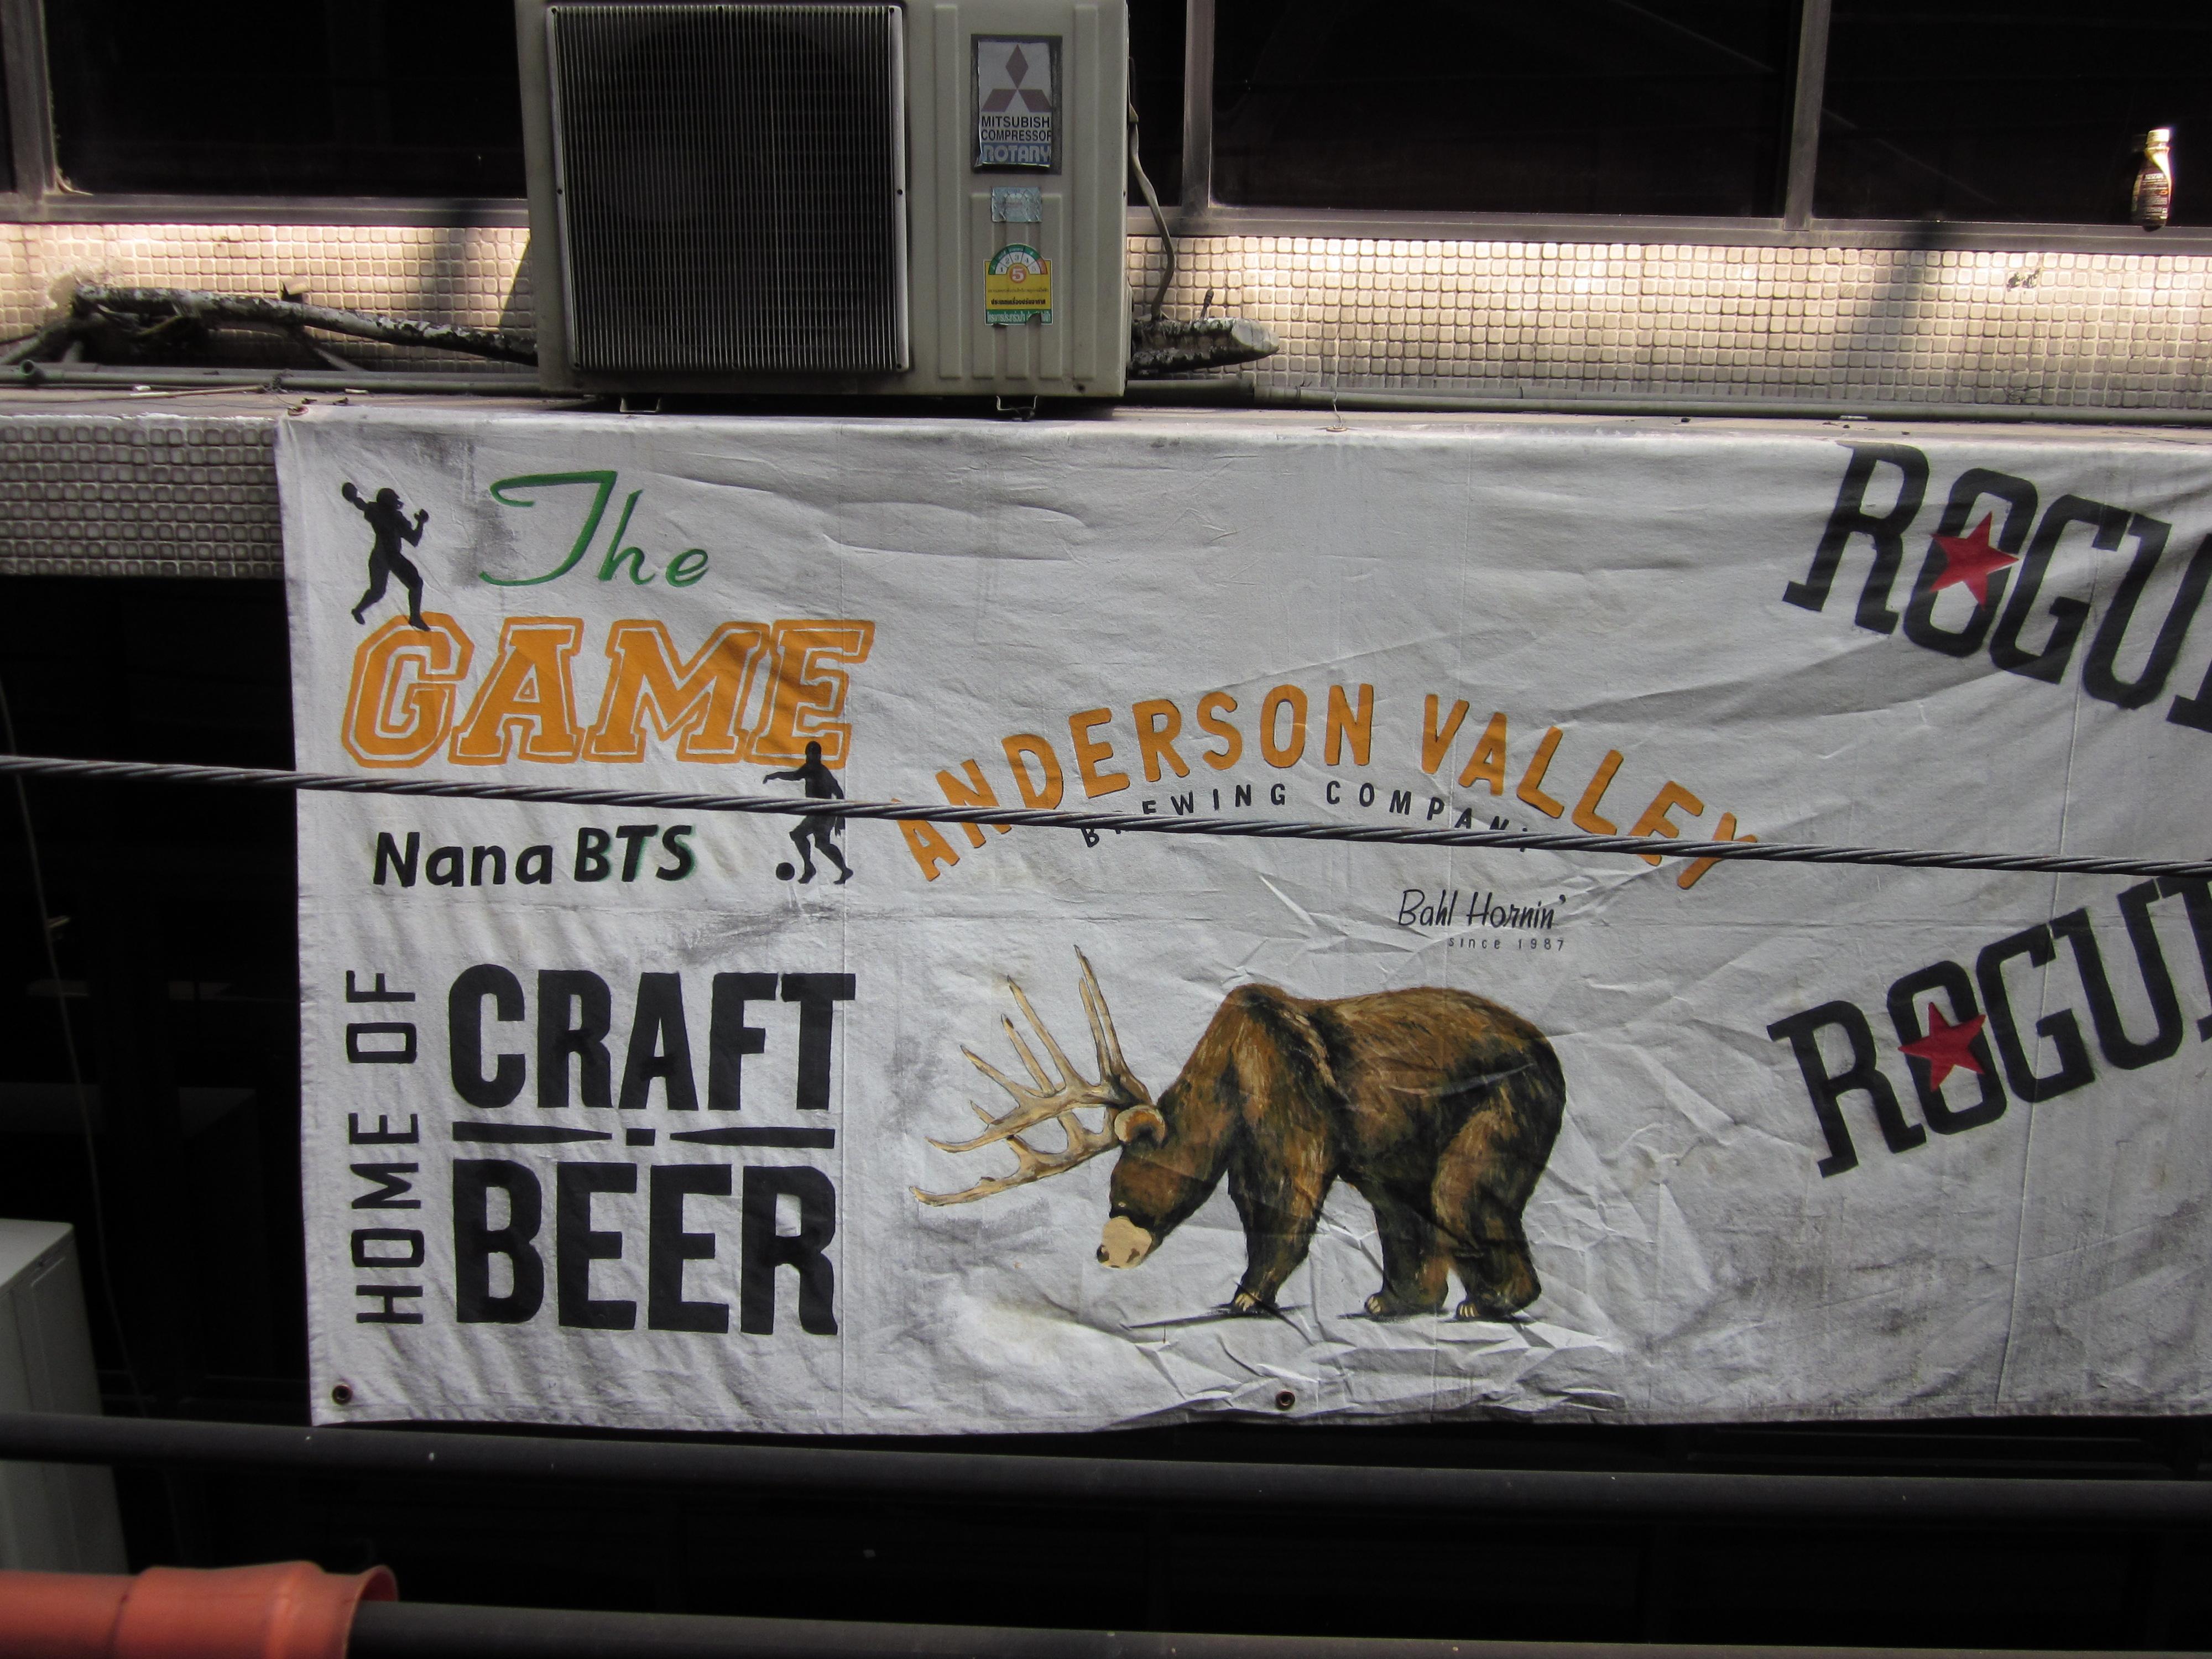 Deze tent heet The Game, je verwacht craft bier. Mooi niet dus